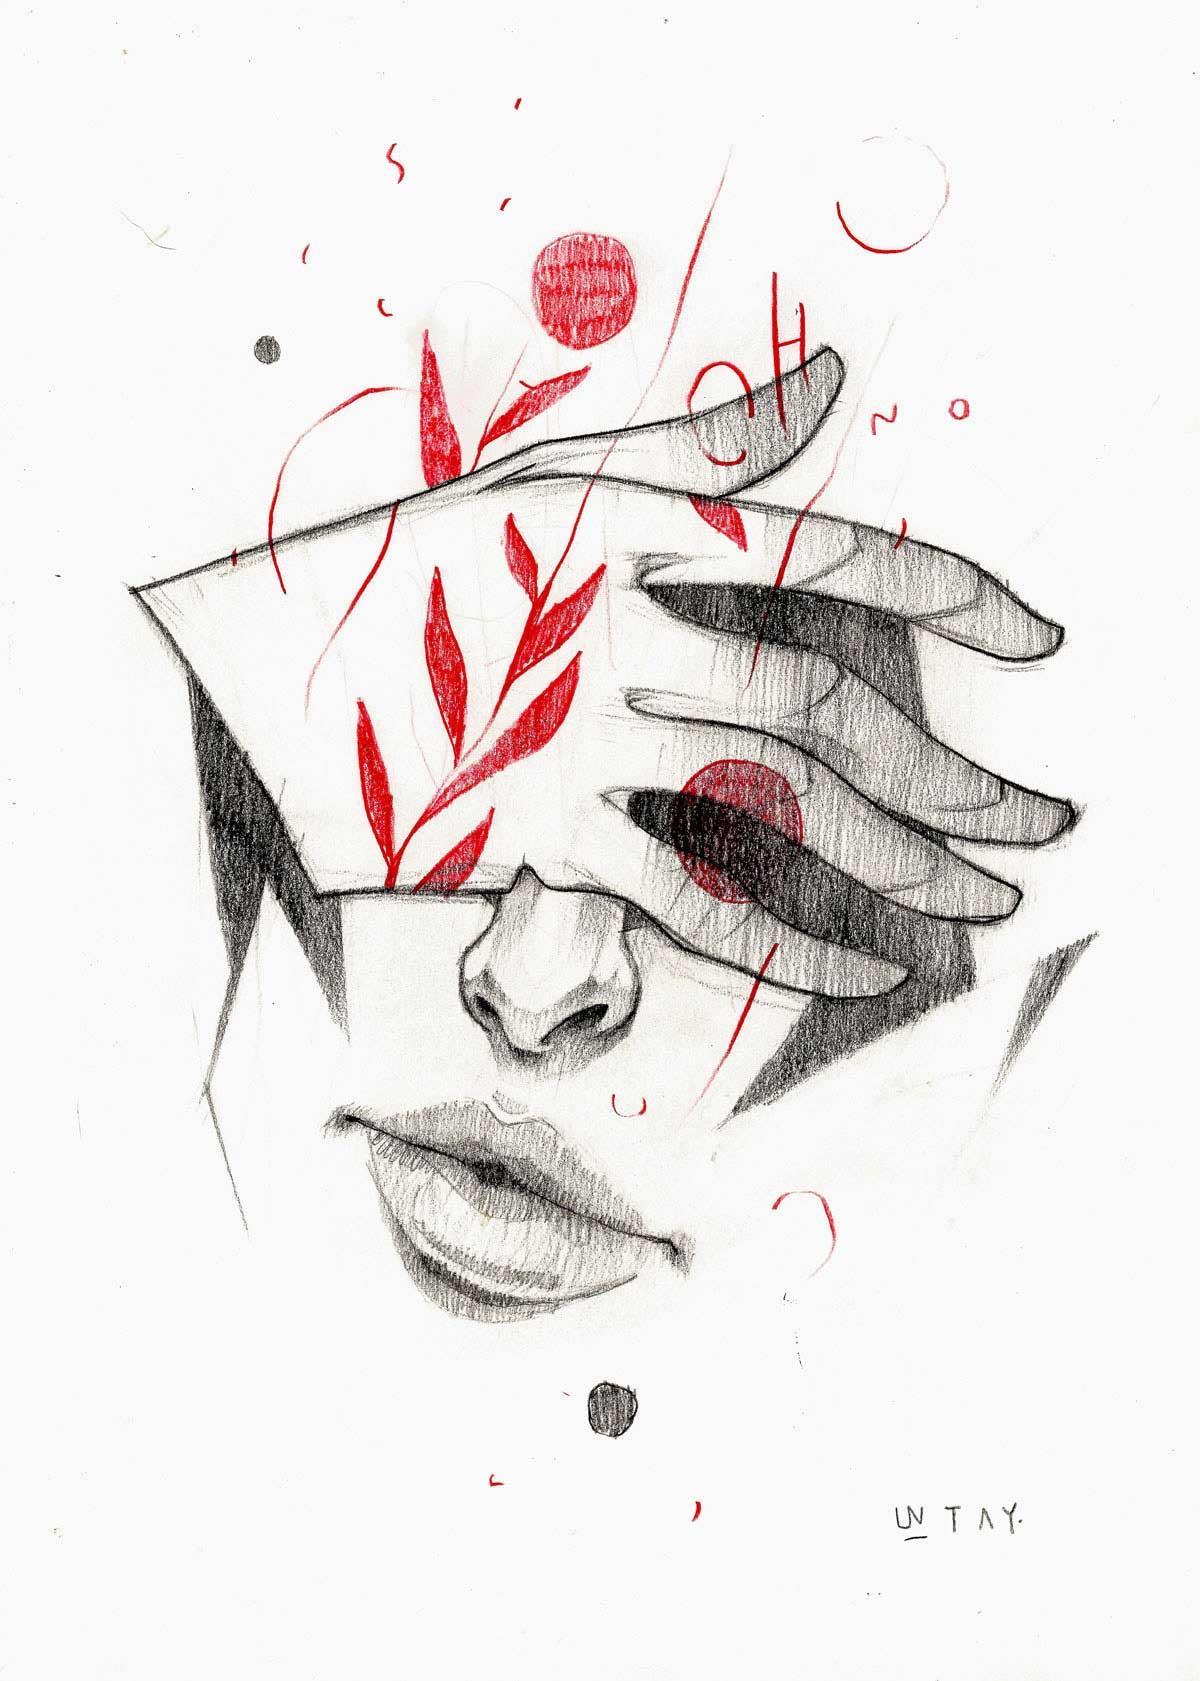 Die vielseitige Kunst des Boaz Sides UNTAY-art_08